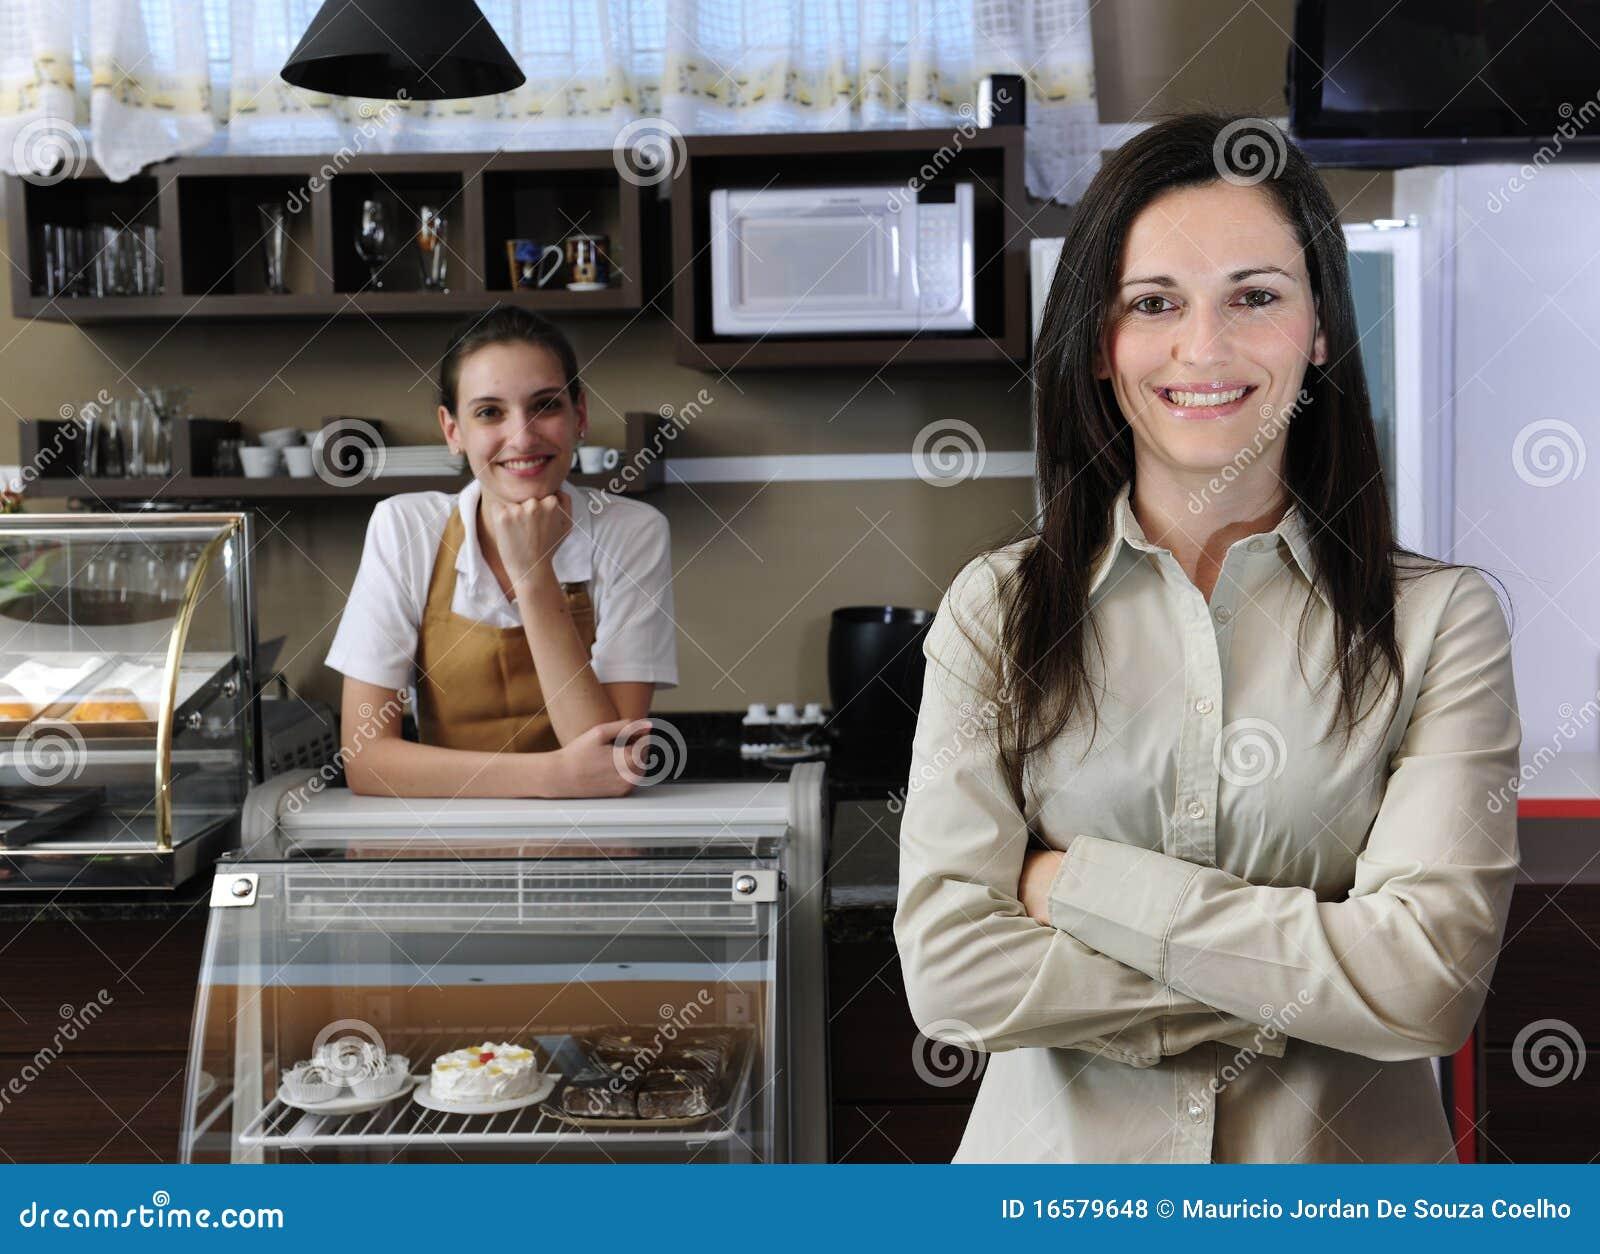 Equipe da empresa de pequeno porte, proprietário de um café ou empregada de mesa